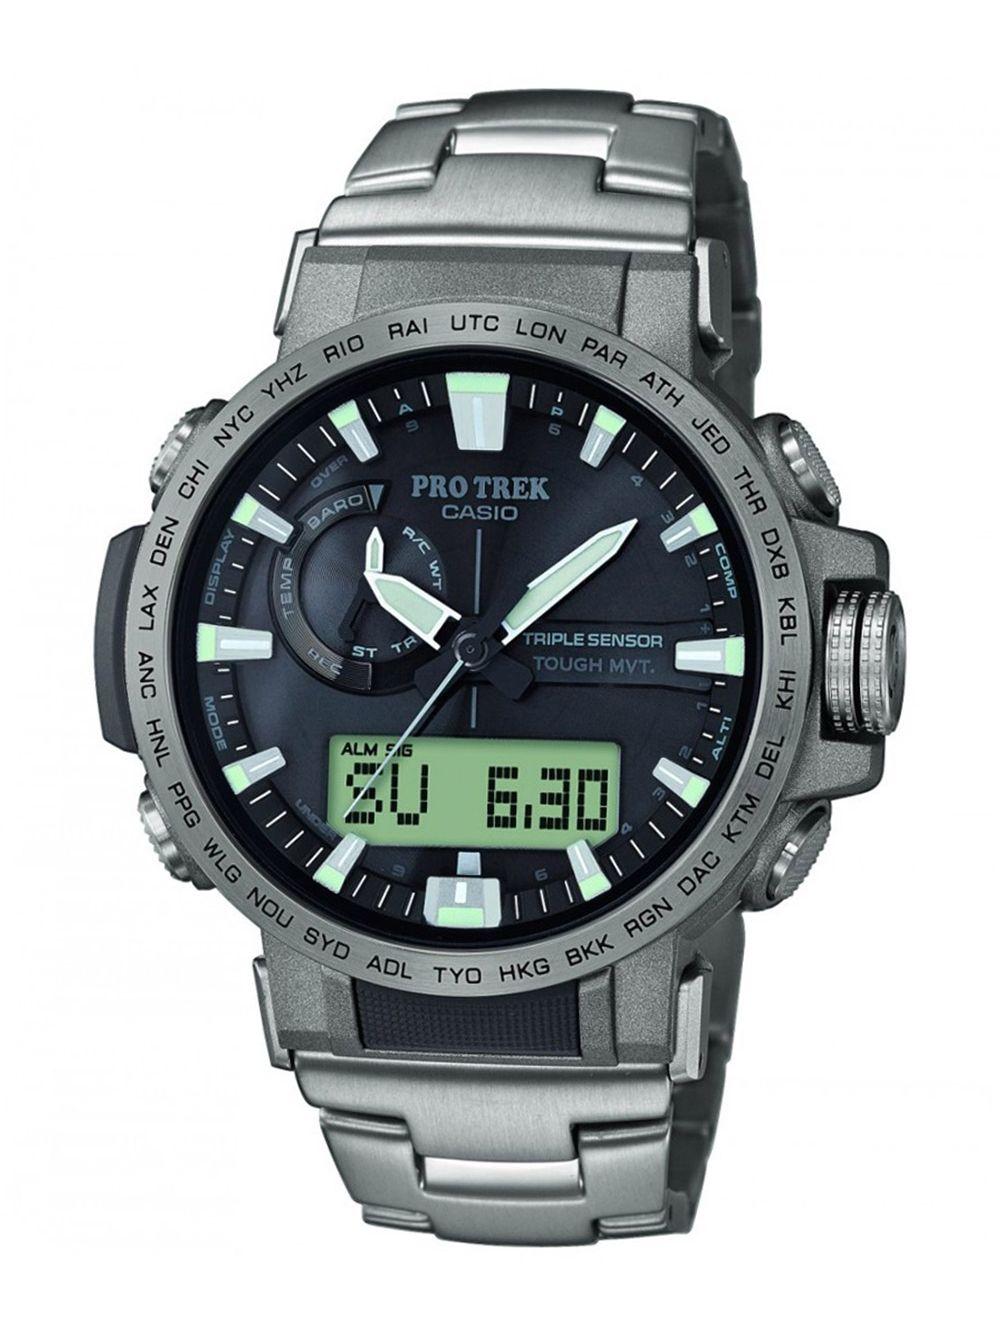 Casio PRW-60T-7AER Pro Trek Outdoor Watch Titanium Pale Rosse Image 1 ... 9a849f5f1267